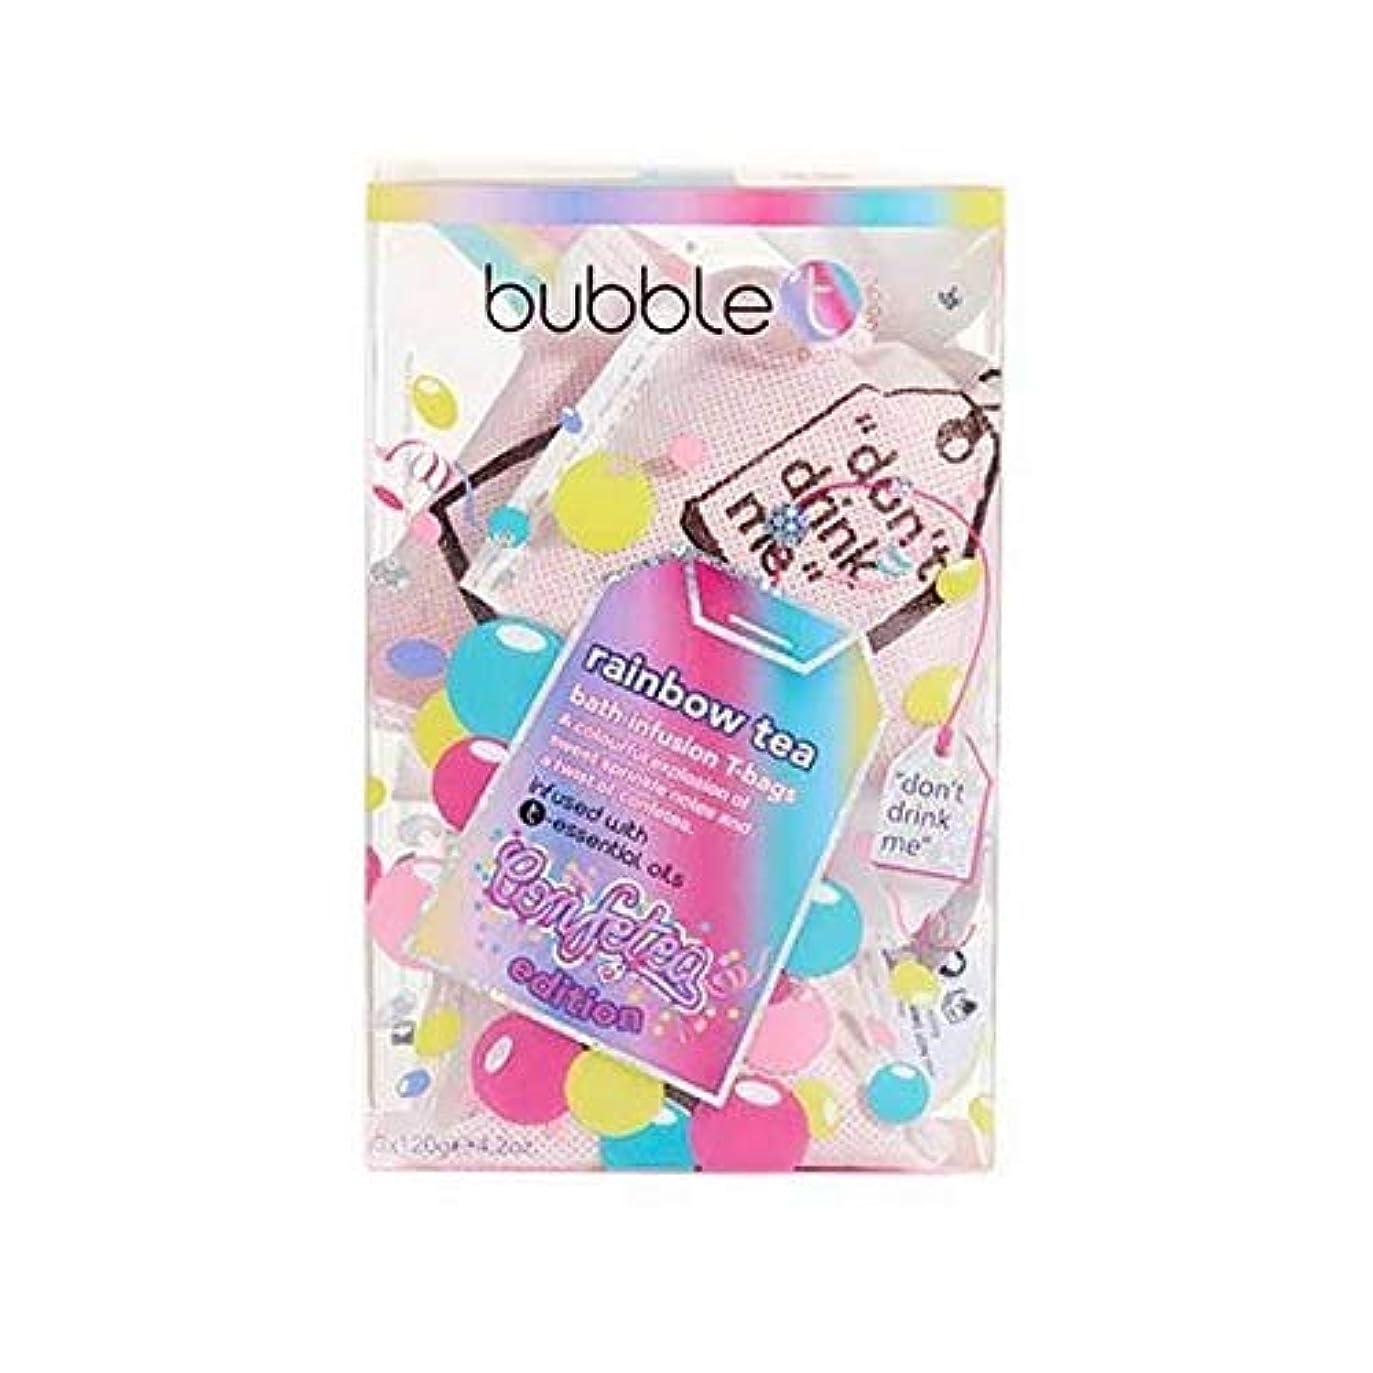 コイン折洪水[Bubble T ] バブルトンの化粧品 - 入浴輸液ティーバッグ虹のお茶 - Bubble T Cosmetics - Bath infusion tea bags Rainbow tea [並行輸入品]